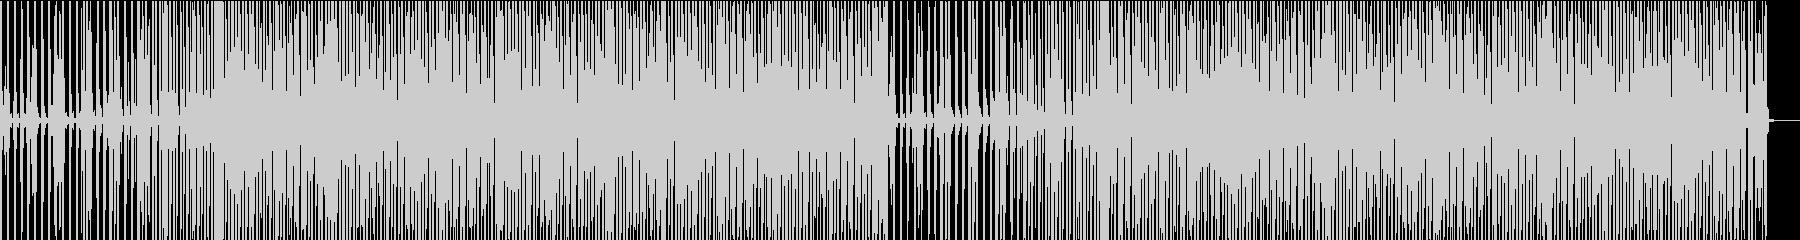 怪しく静かなハウスの未再生の波形